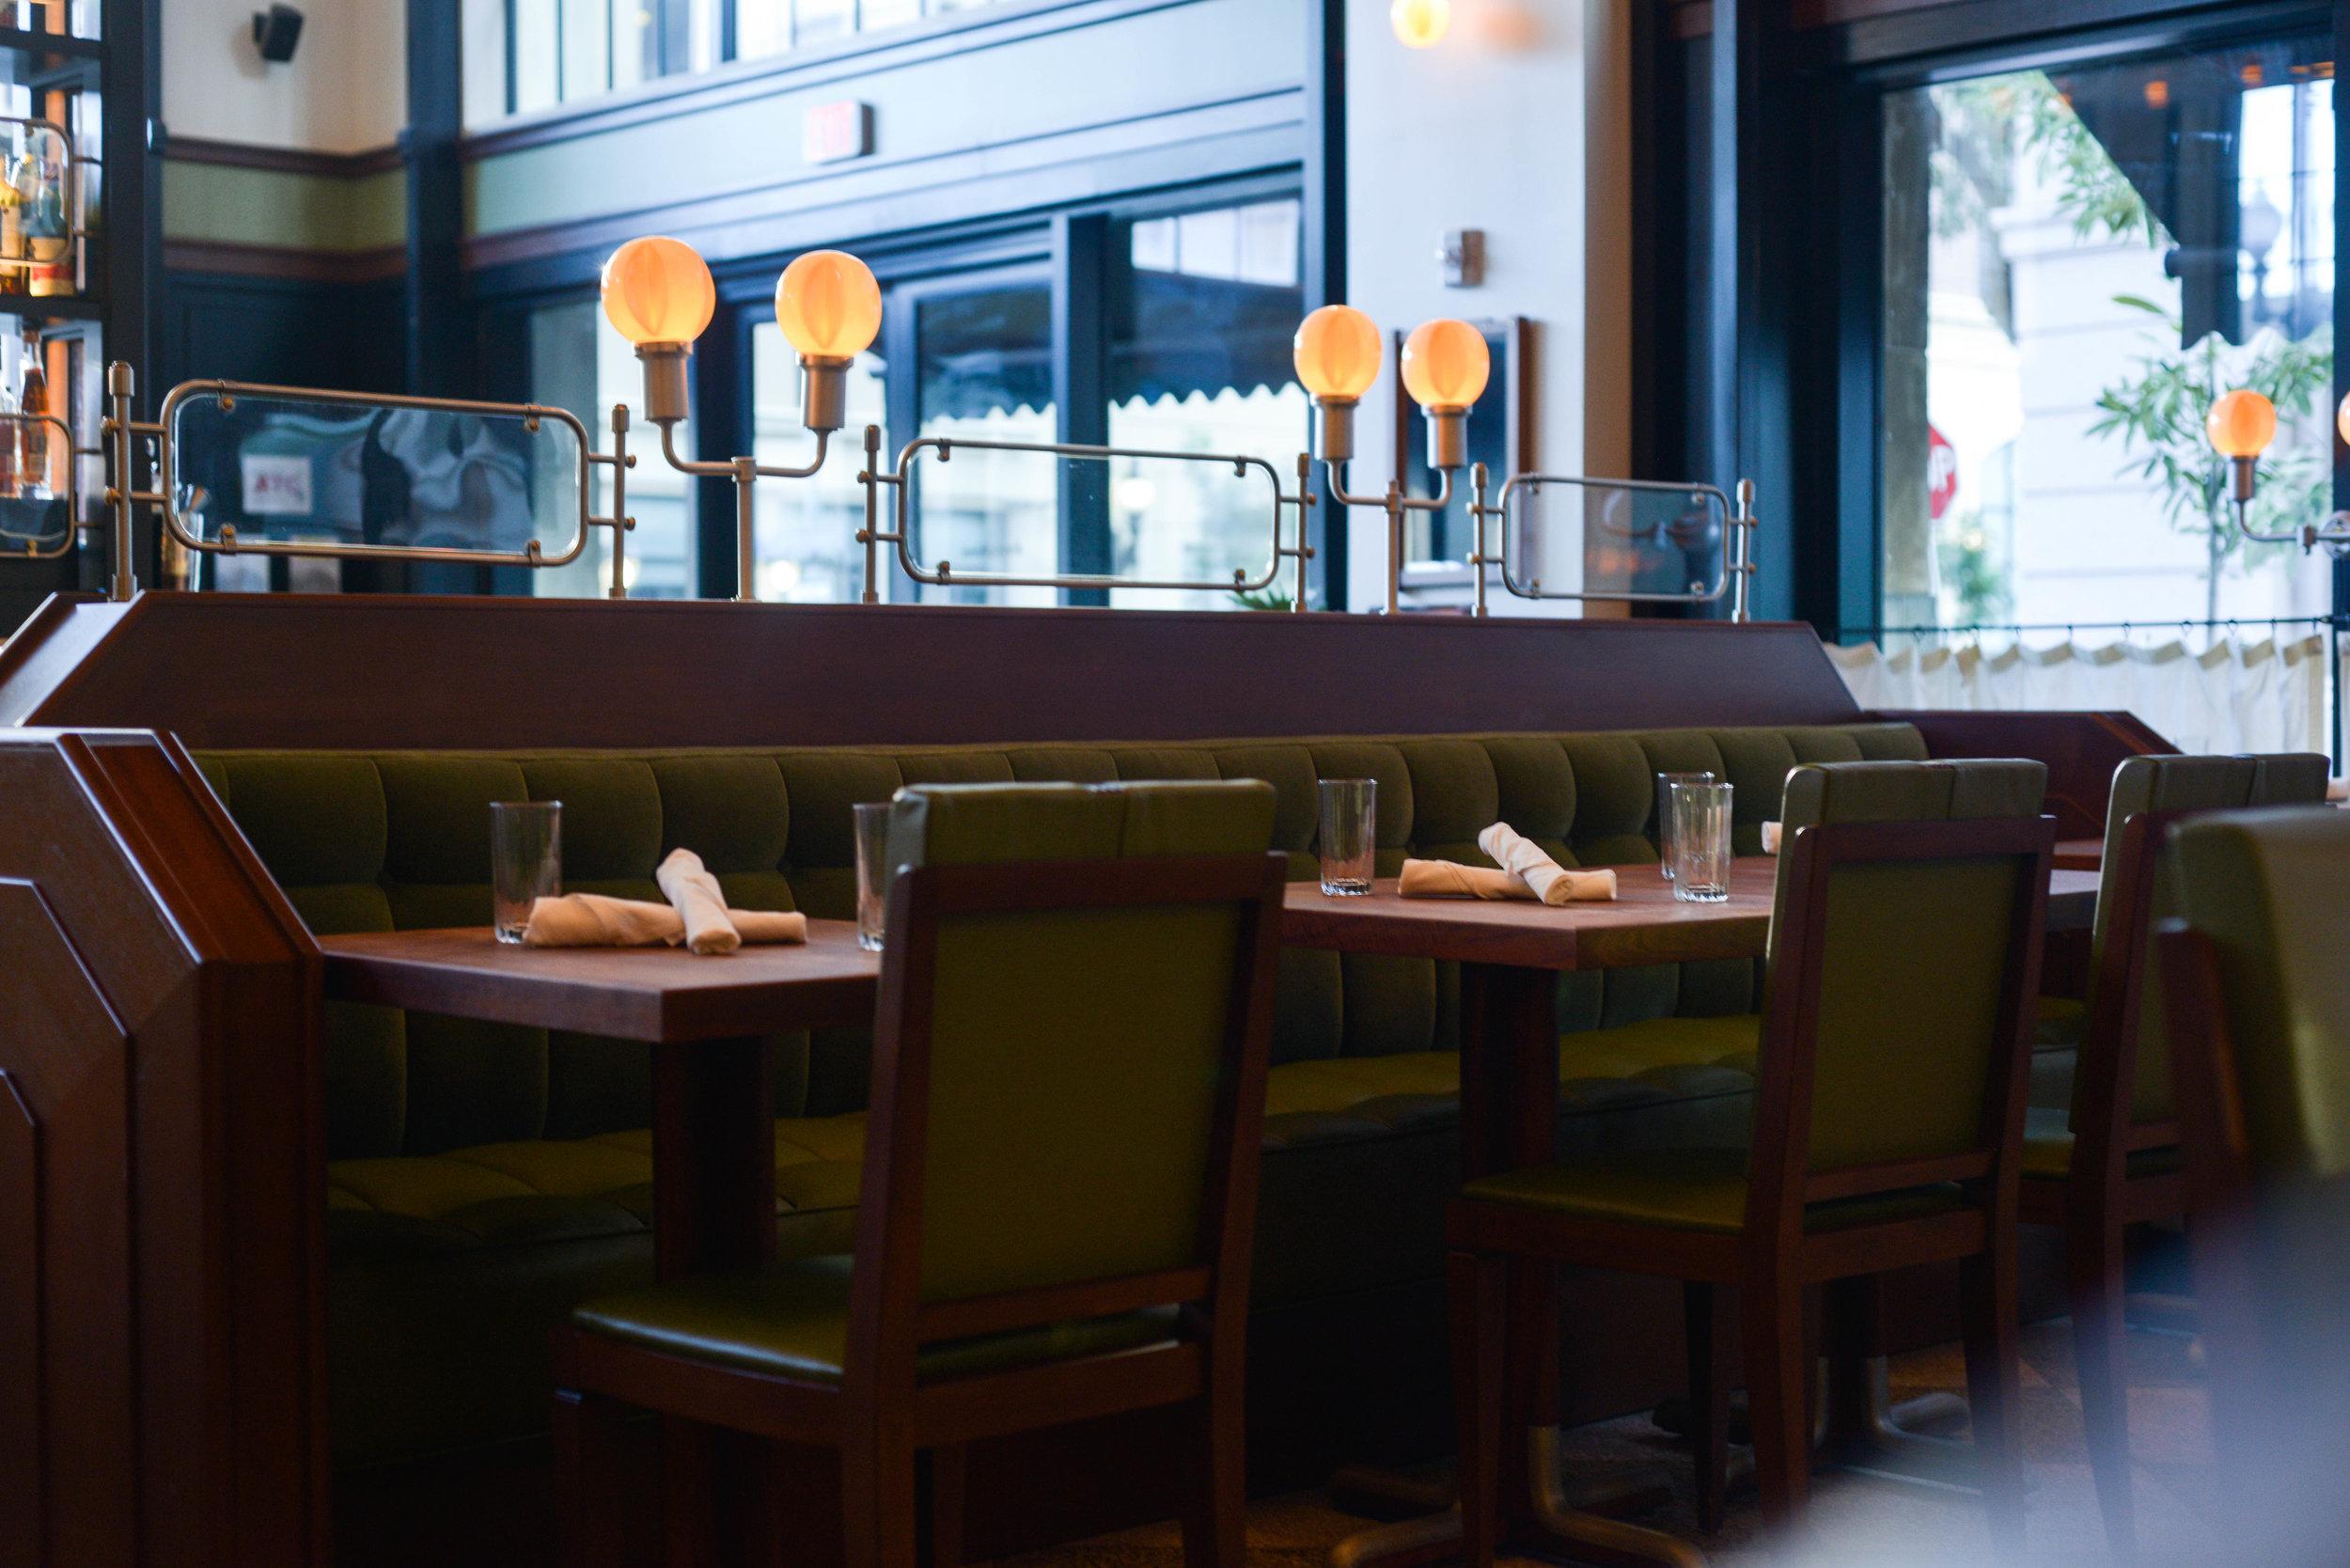 The Hotel Restaurant - Josephine Estelle | Photo: Lauren L Caron © 2016